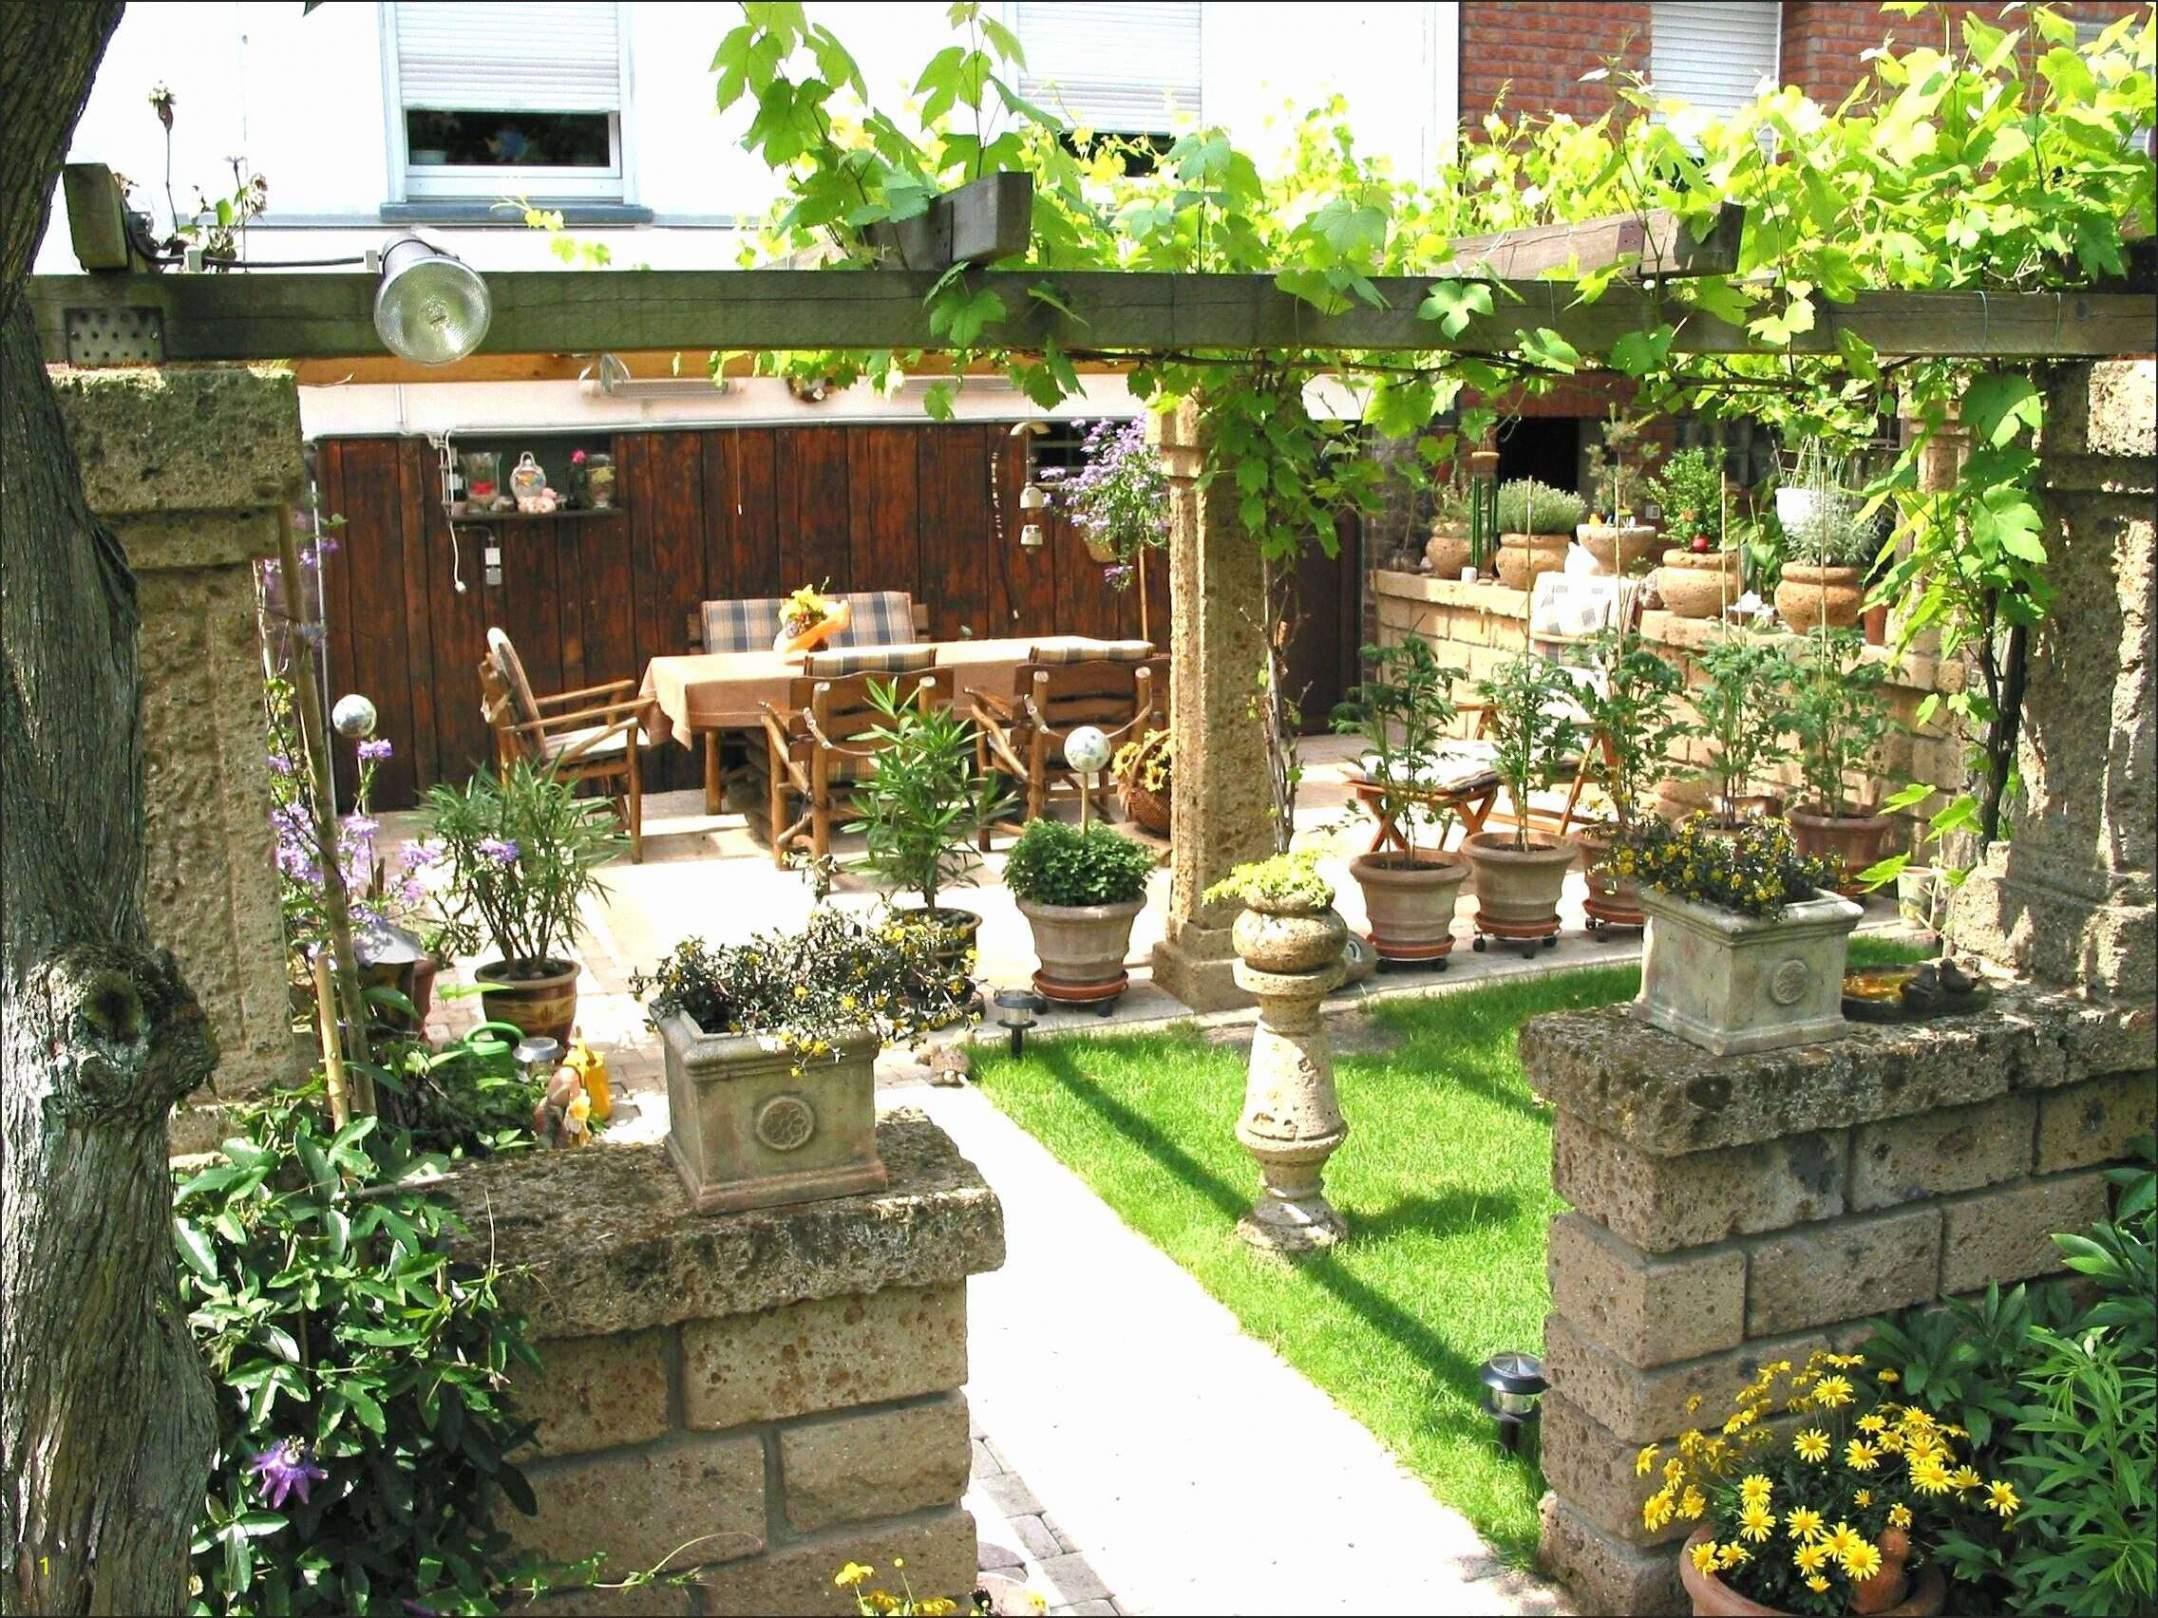 kleines beet gestalten einzigartig terrasse beet la terrasse kleinen garten gestalten kleinen garten gestalten